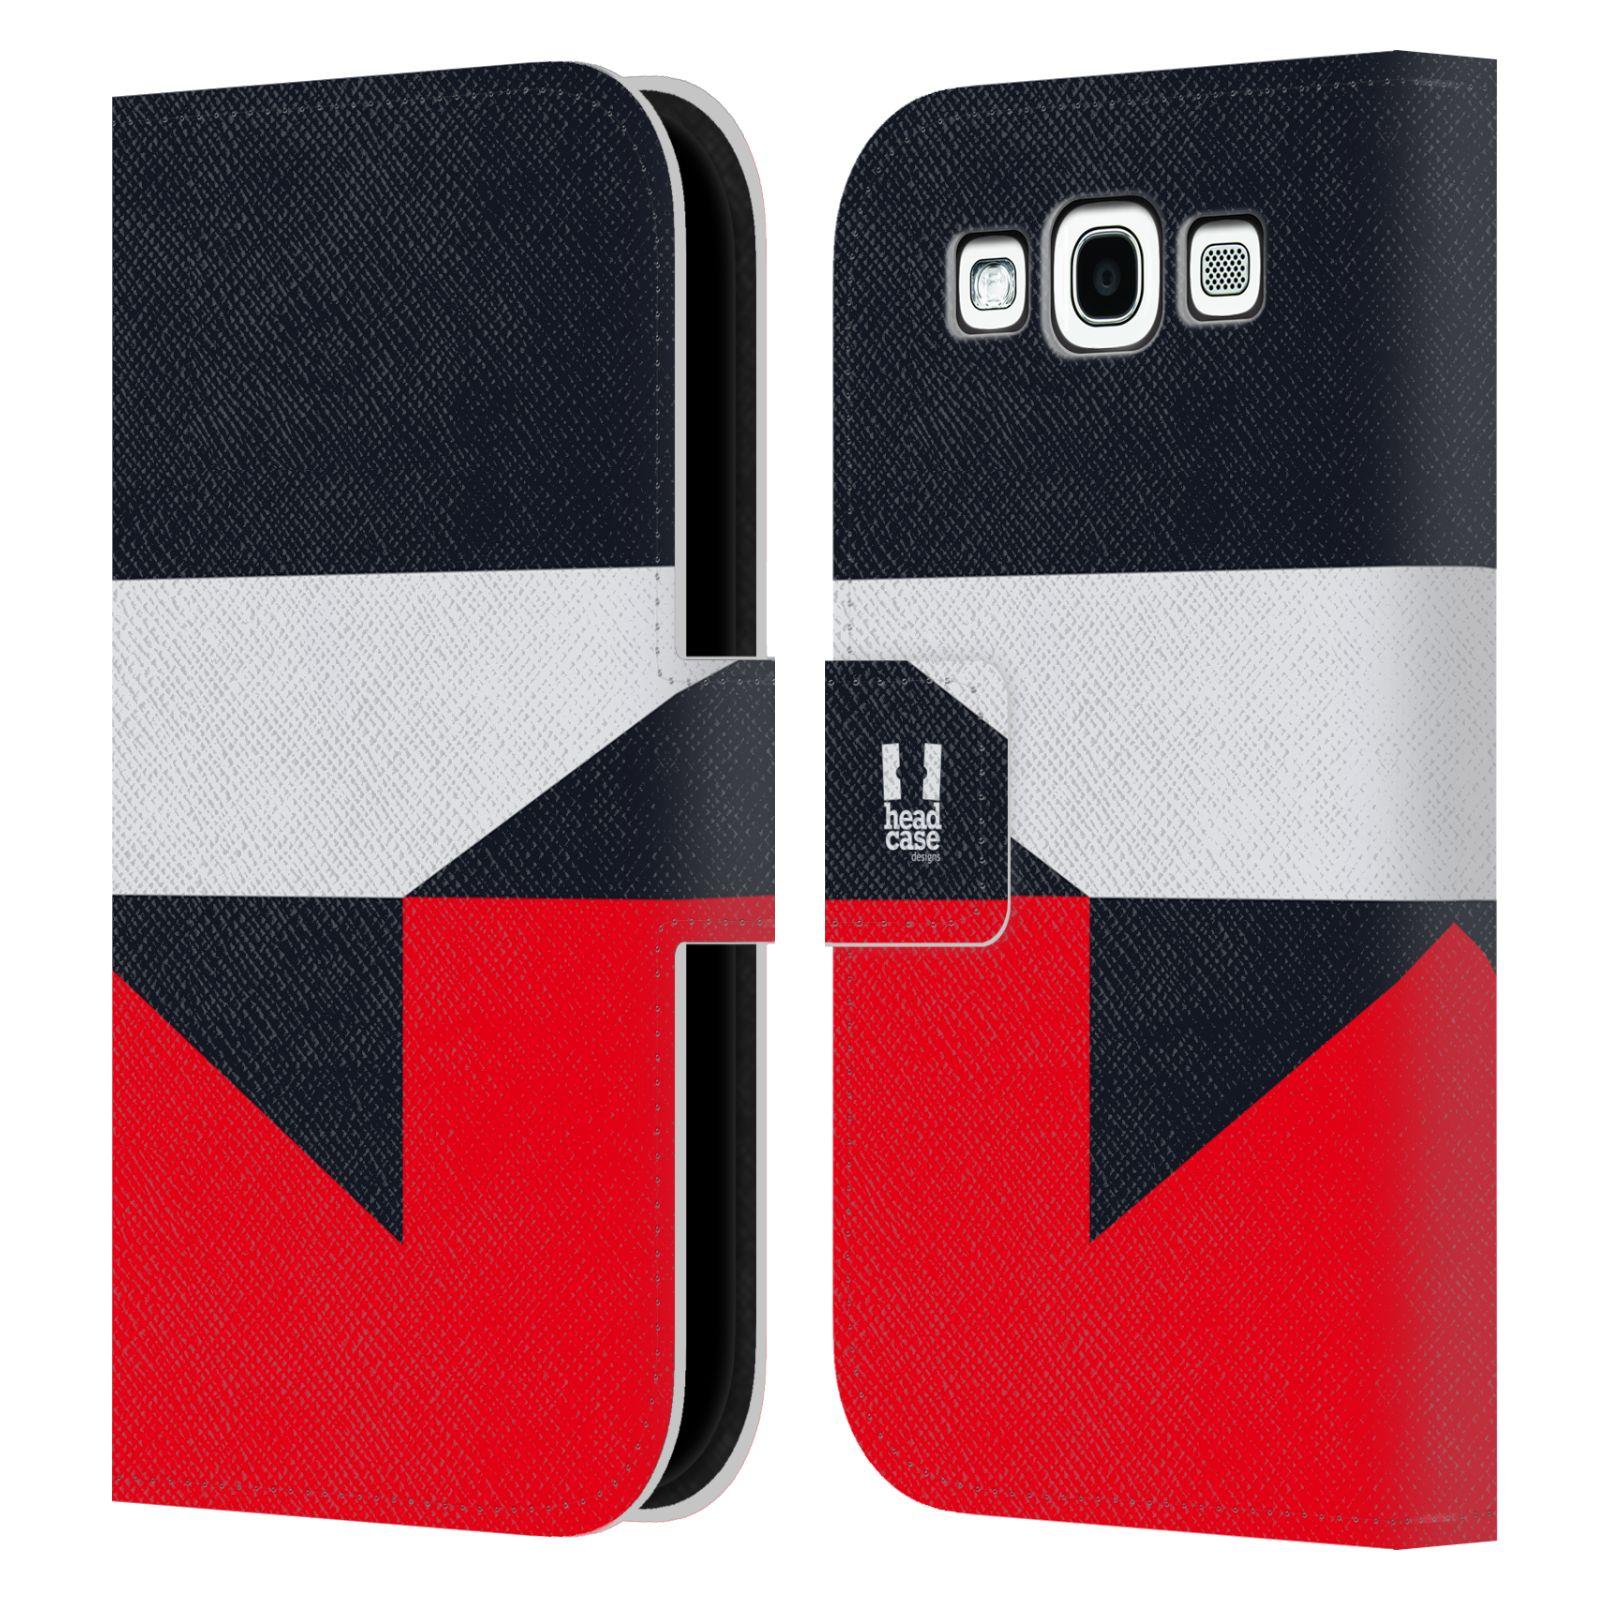 HEAD CASE Flipové pouzdro pro mobil Samsung Galaxy S3 I9300 barevné tvary černá a červená gejša